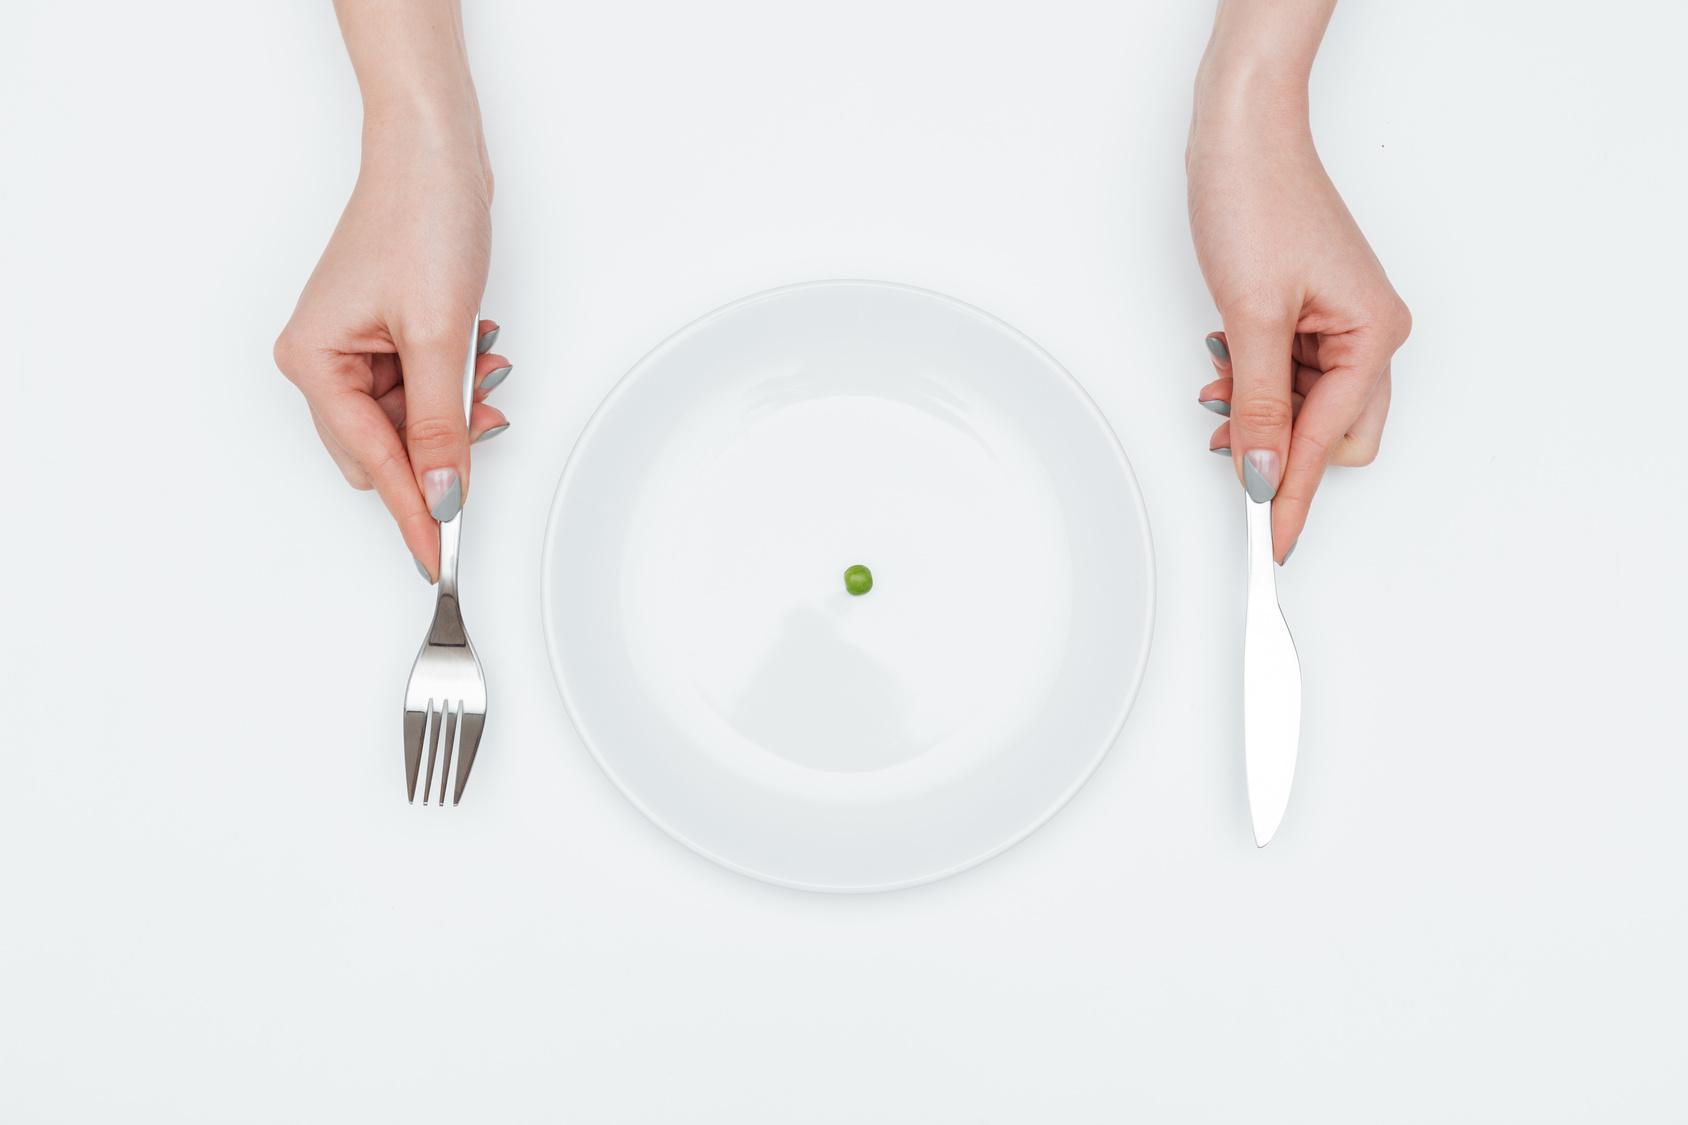 Viele Diäten sind Unsinn,